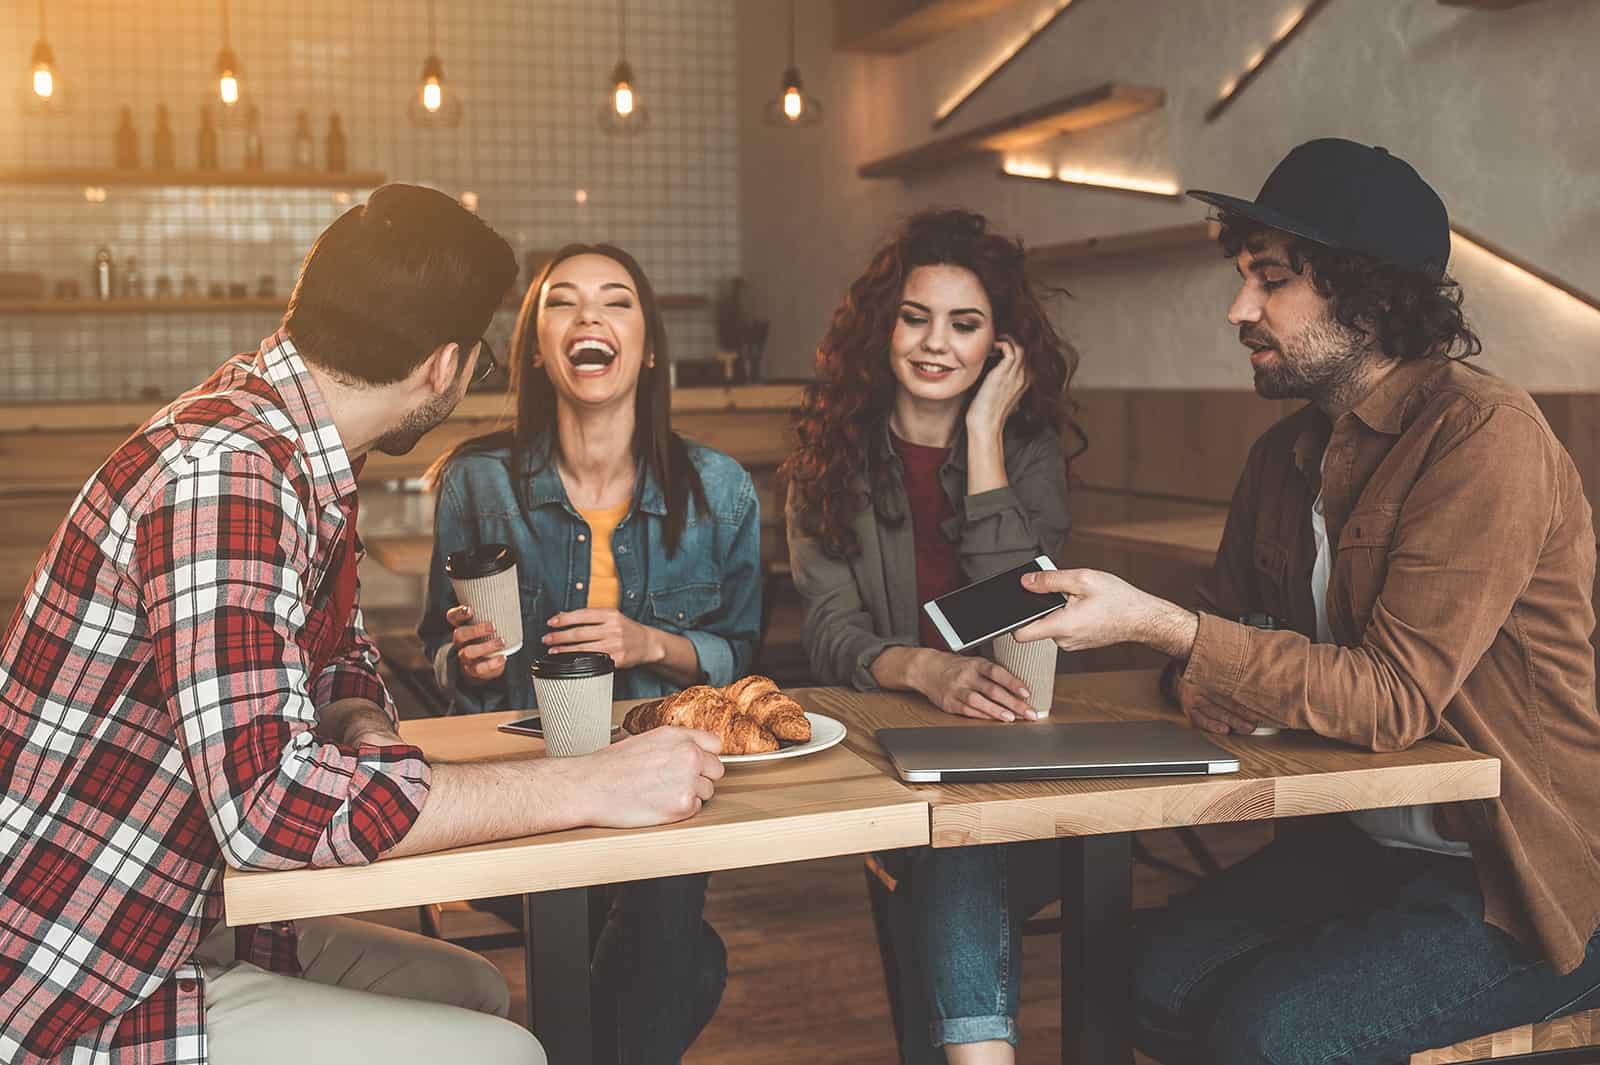 eine Frau lacht, während sie mit Freunden im Café sitzt